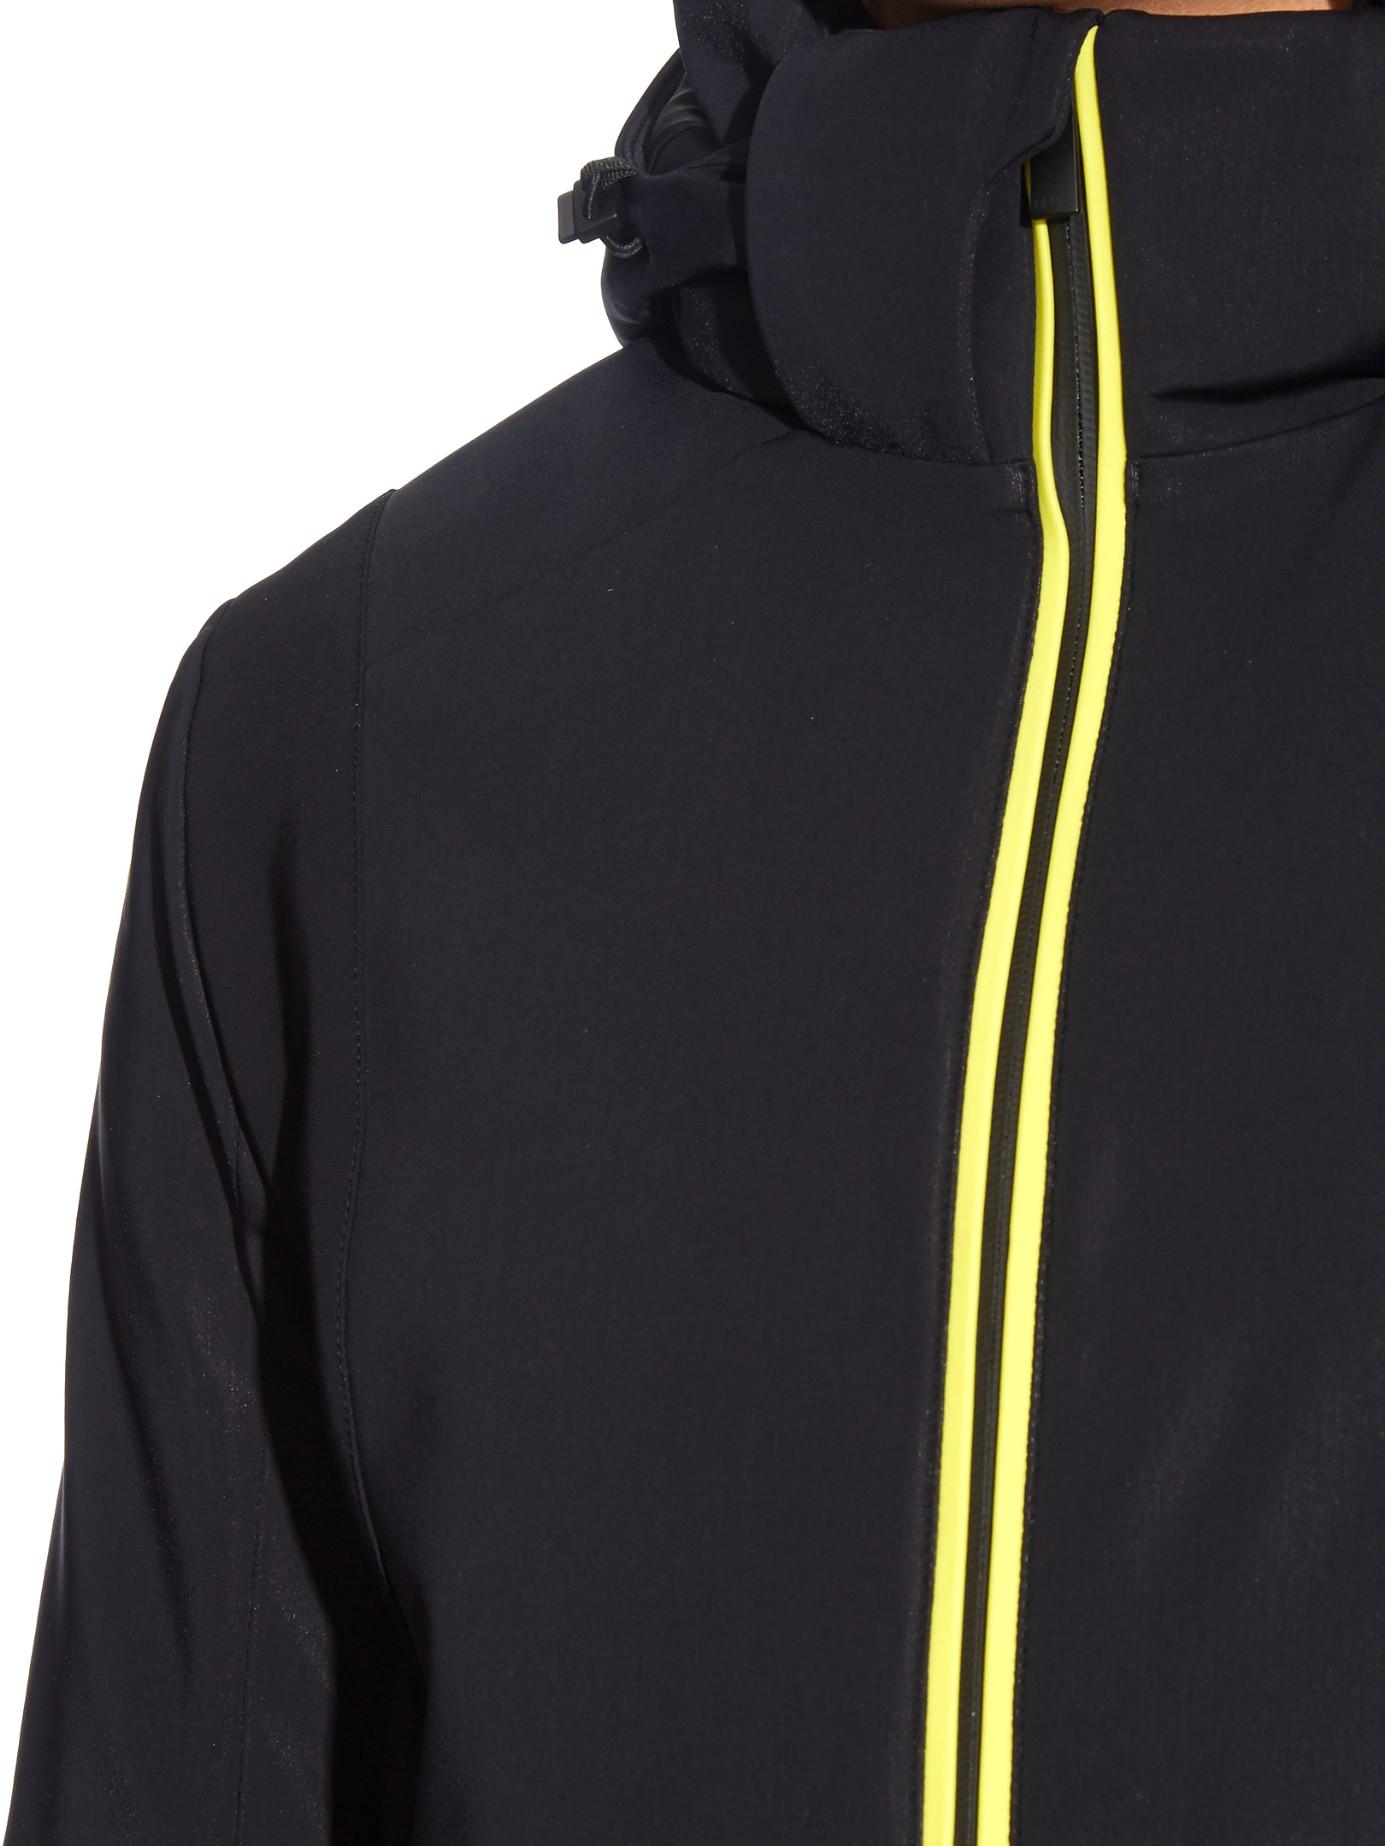 8b726321c2f Fendi Monster Fur Pom Pom Beanie In Black For Men Lyst · Lyst Fendi Bag  Bugs Technical Ski Jacket In Black For Men